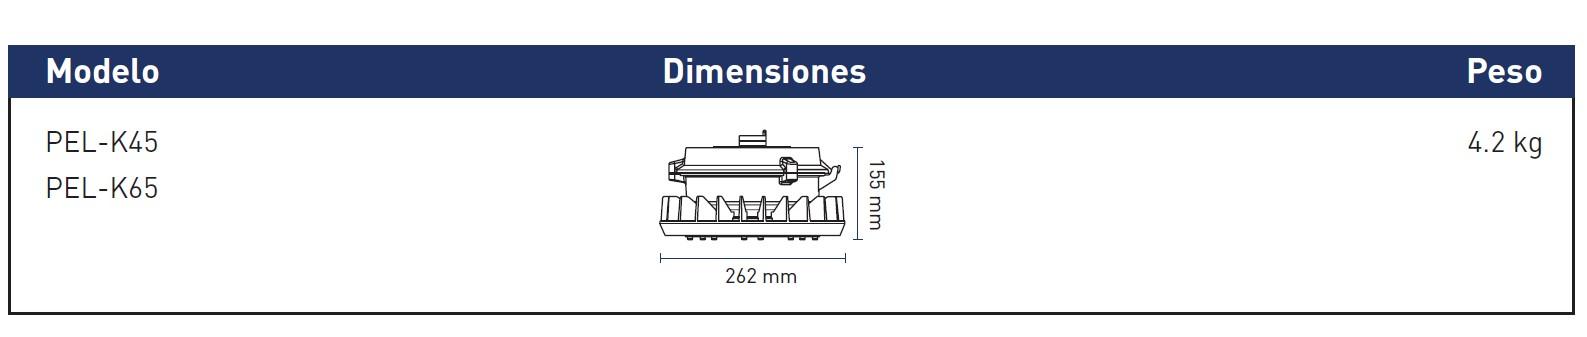 DimensionesPEL-K